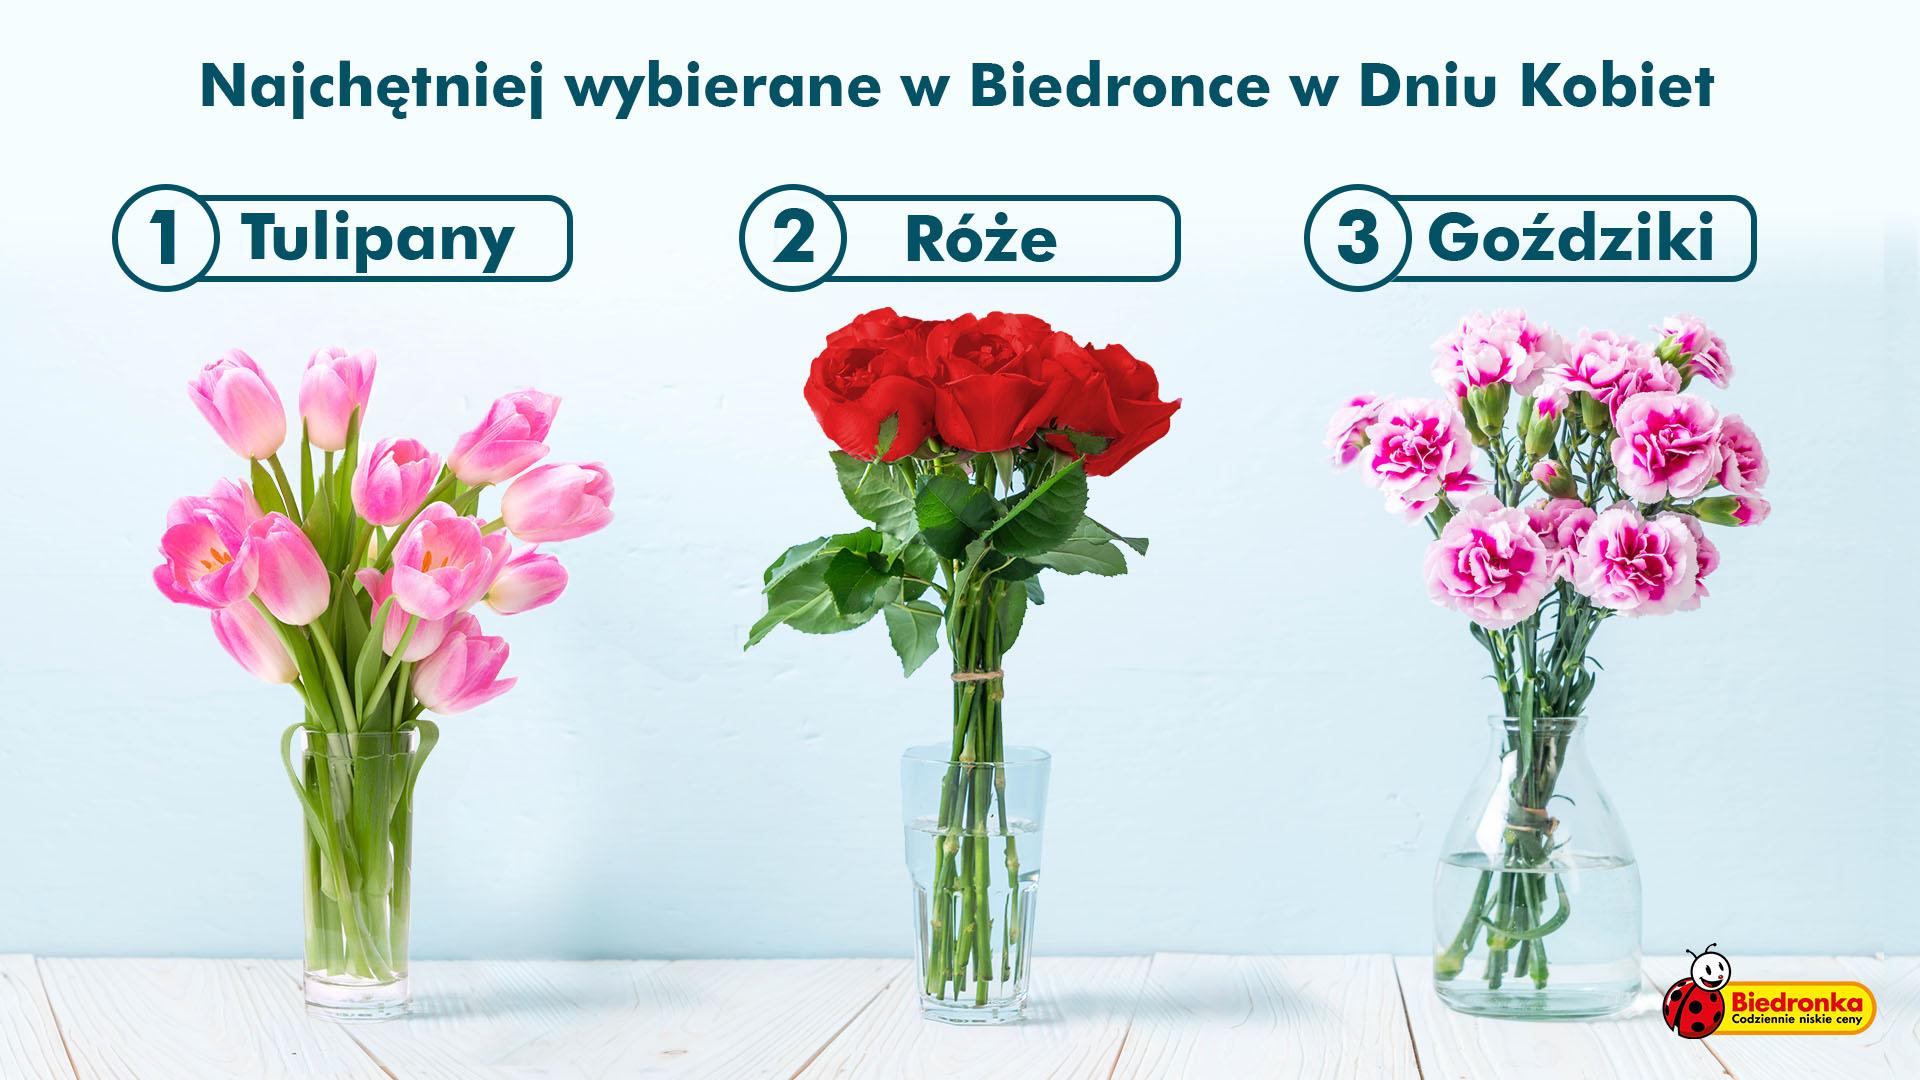 Dzien Kobiet Uslany Kwiatami Najchetniej Kupowane Prezenty W Biedronce